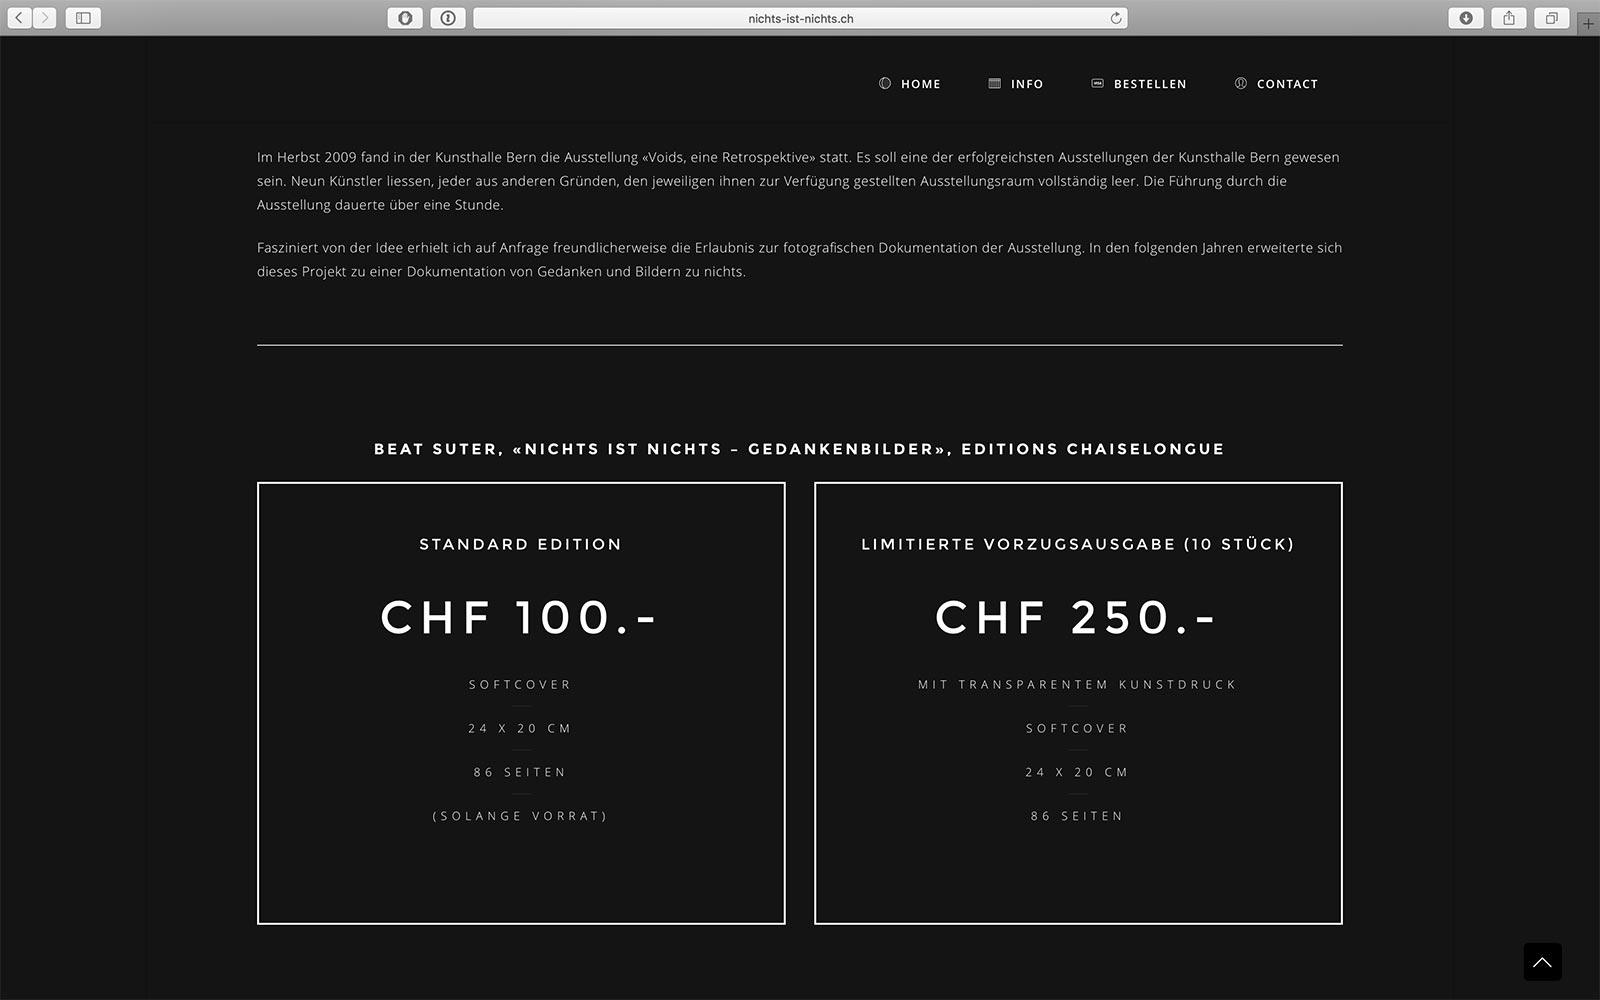 Website nichts-ist-nichts.ch